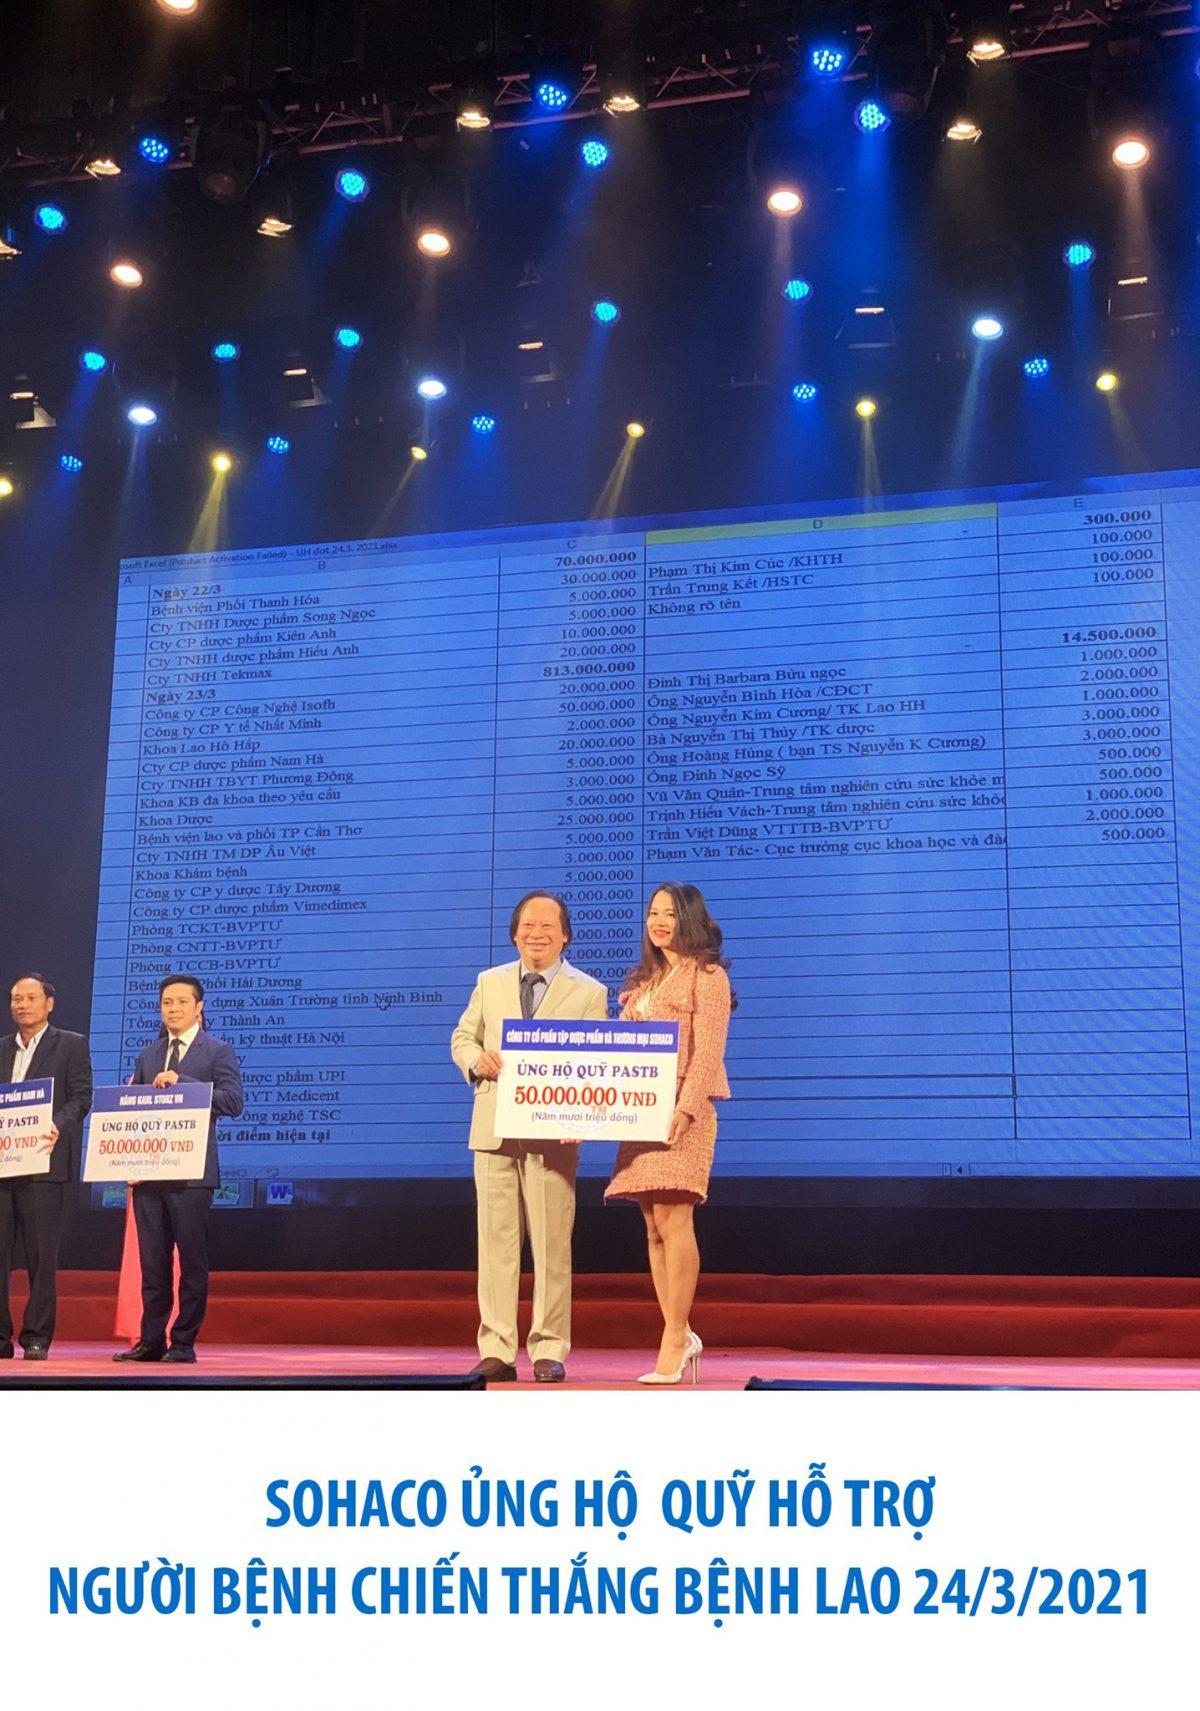 SOHACO GROUP ỦNG HỘ 50 TRIỆU ĐỒNG VÀO QUỸ HỖ TRỢ NGƯỜI BỆNH CHIẾN THẮNG BỆNH LAO PASTB 2021